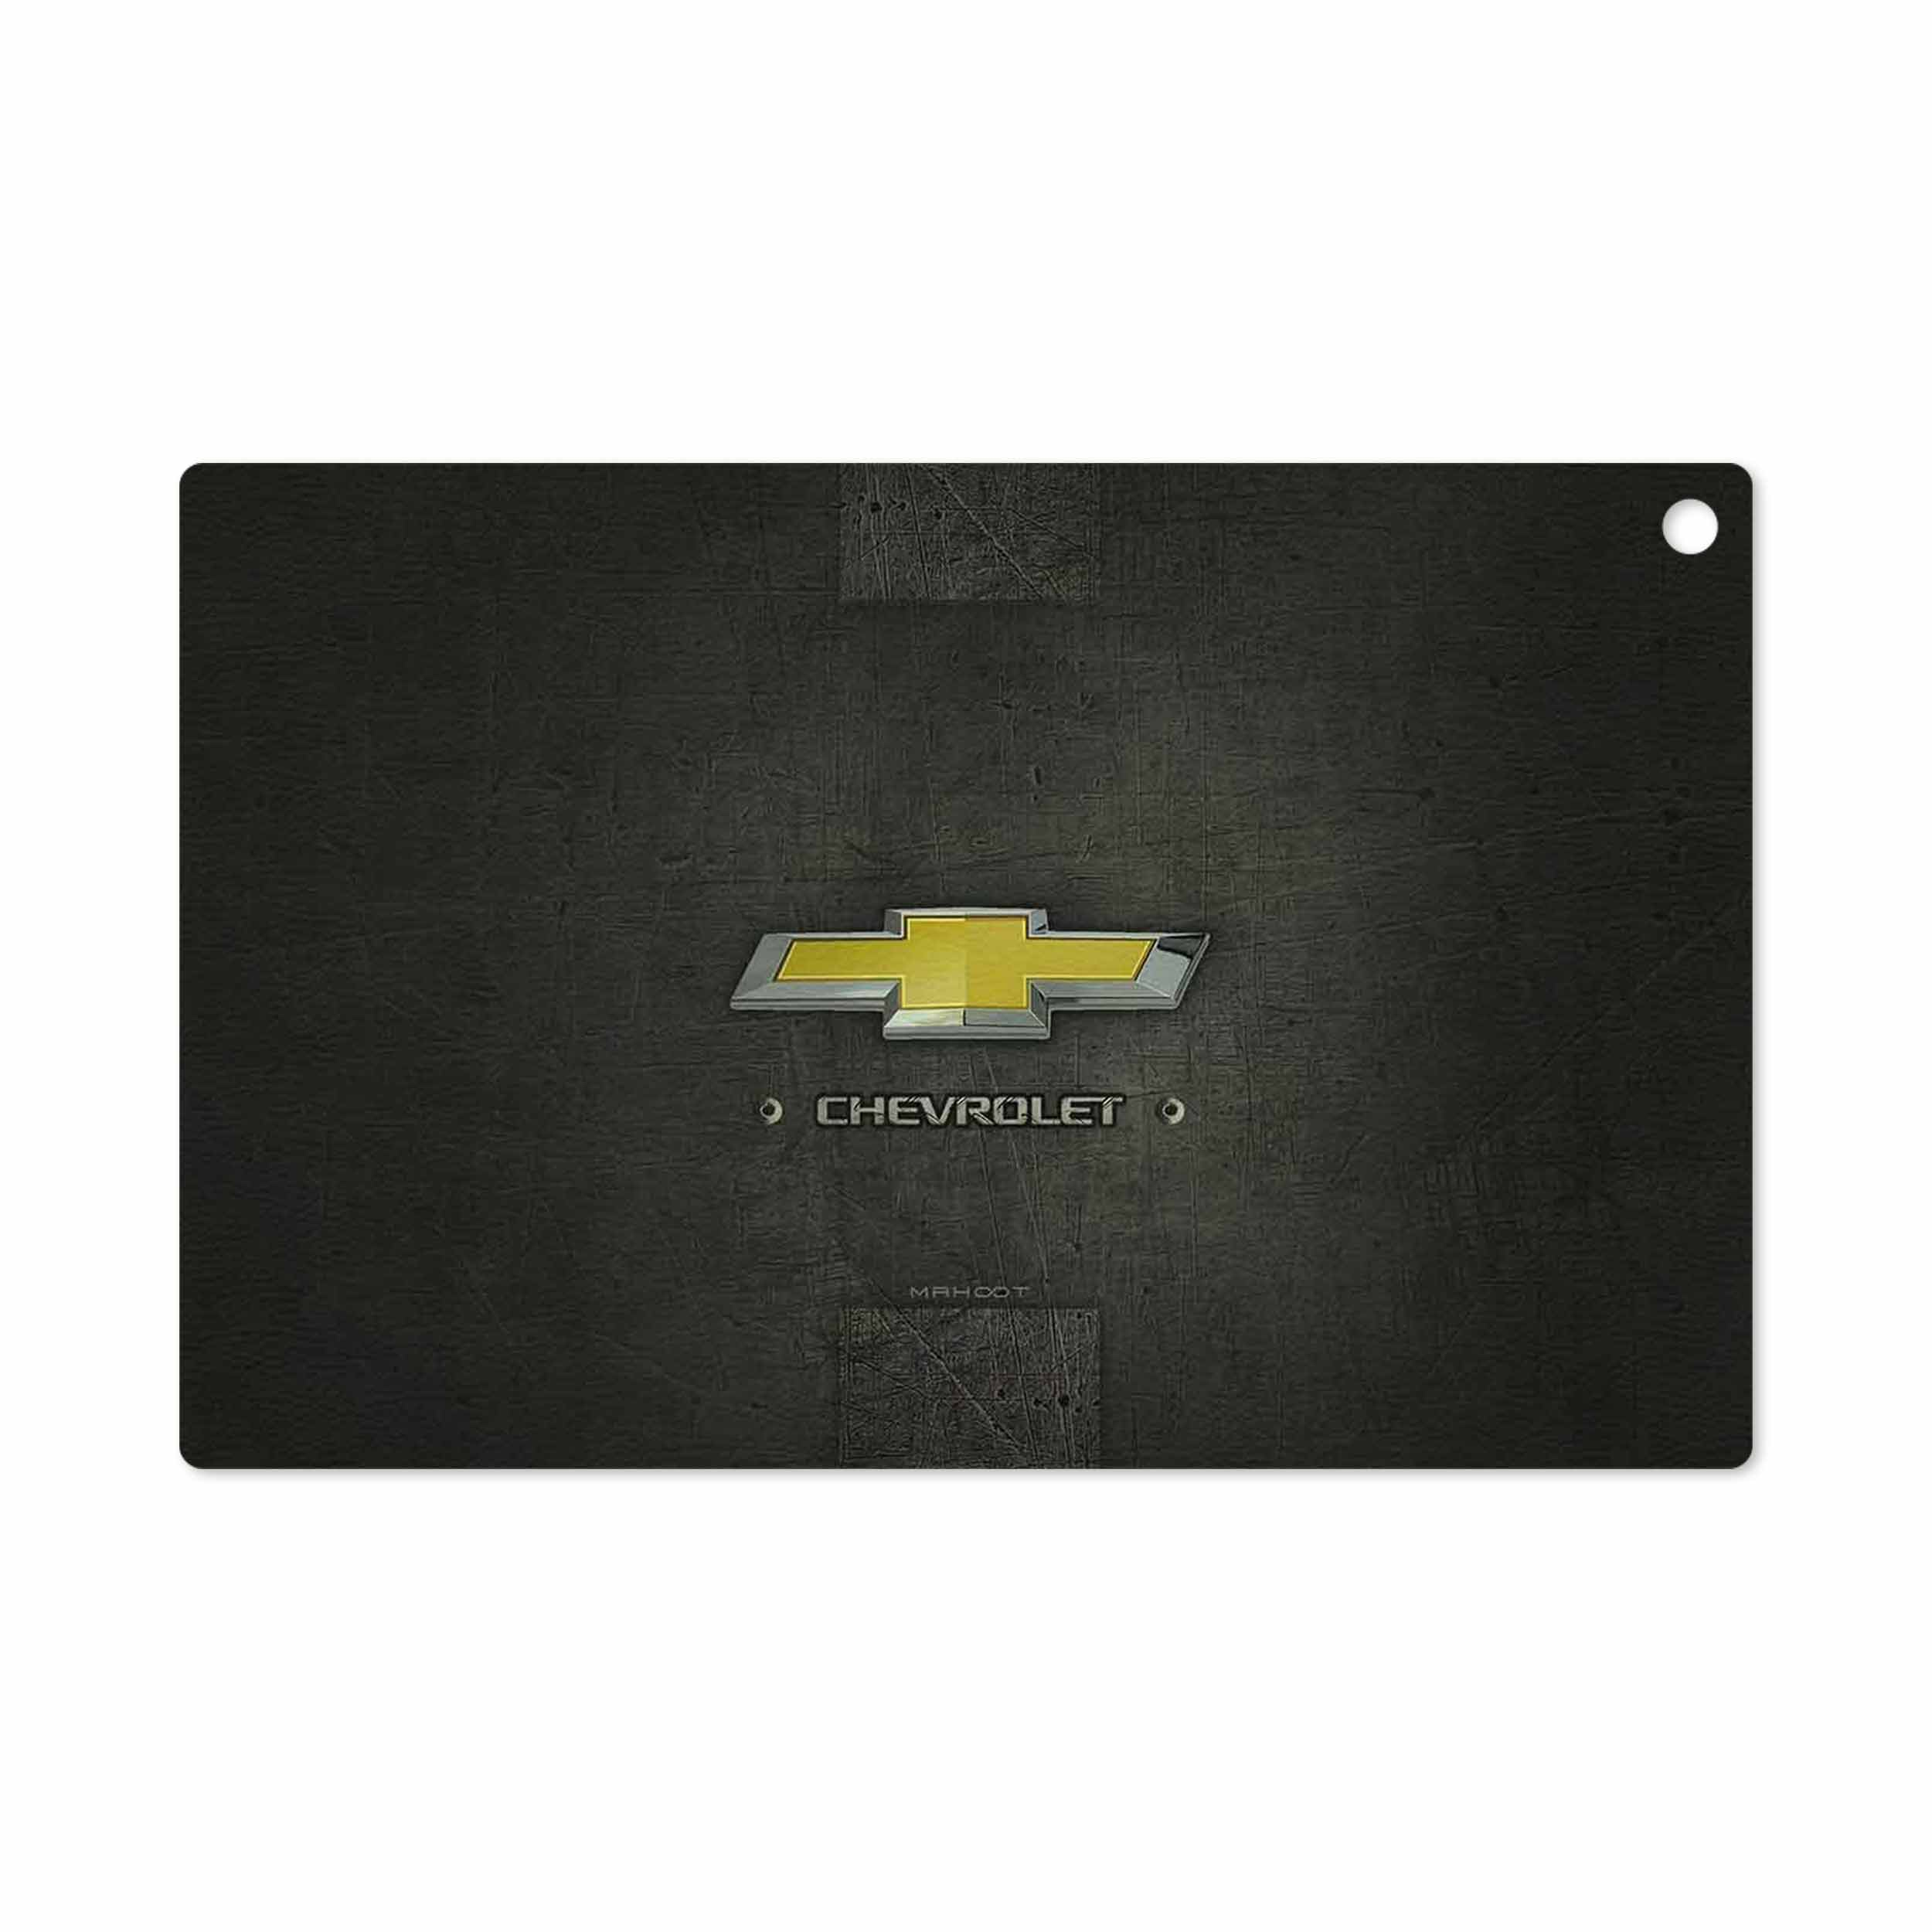 بررسی و خرید [با تخفیف]                                     برچسب پوششی ماهوت مدل CHEVROLET-Logo مناسب برای تبلت سونی Xperia Z2 Tablet LTE 2014                             اورجینال